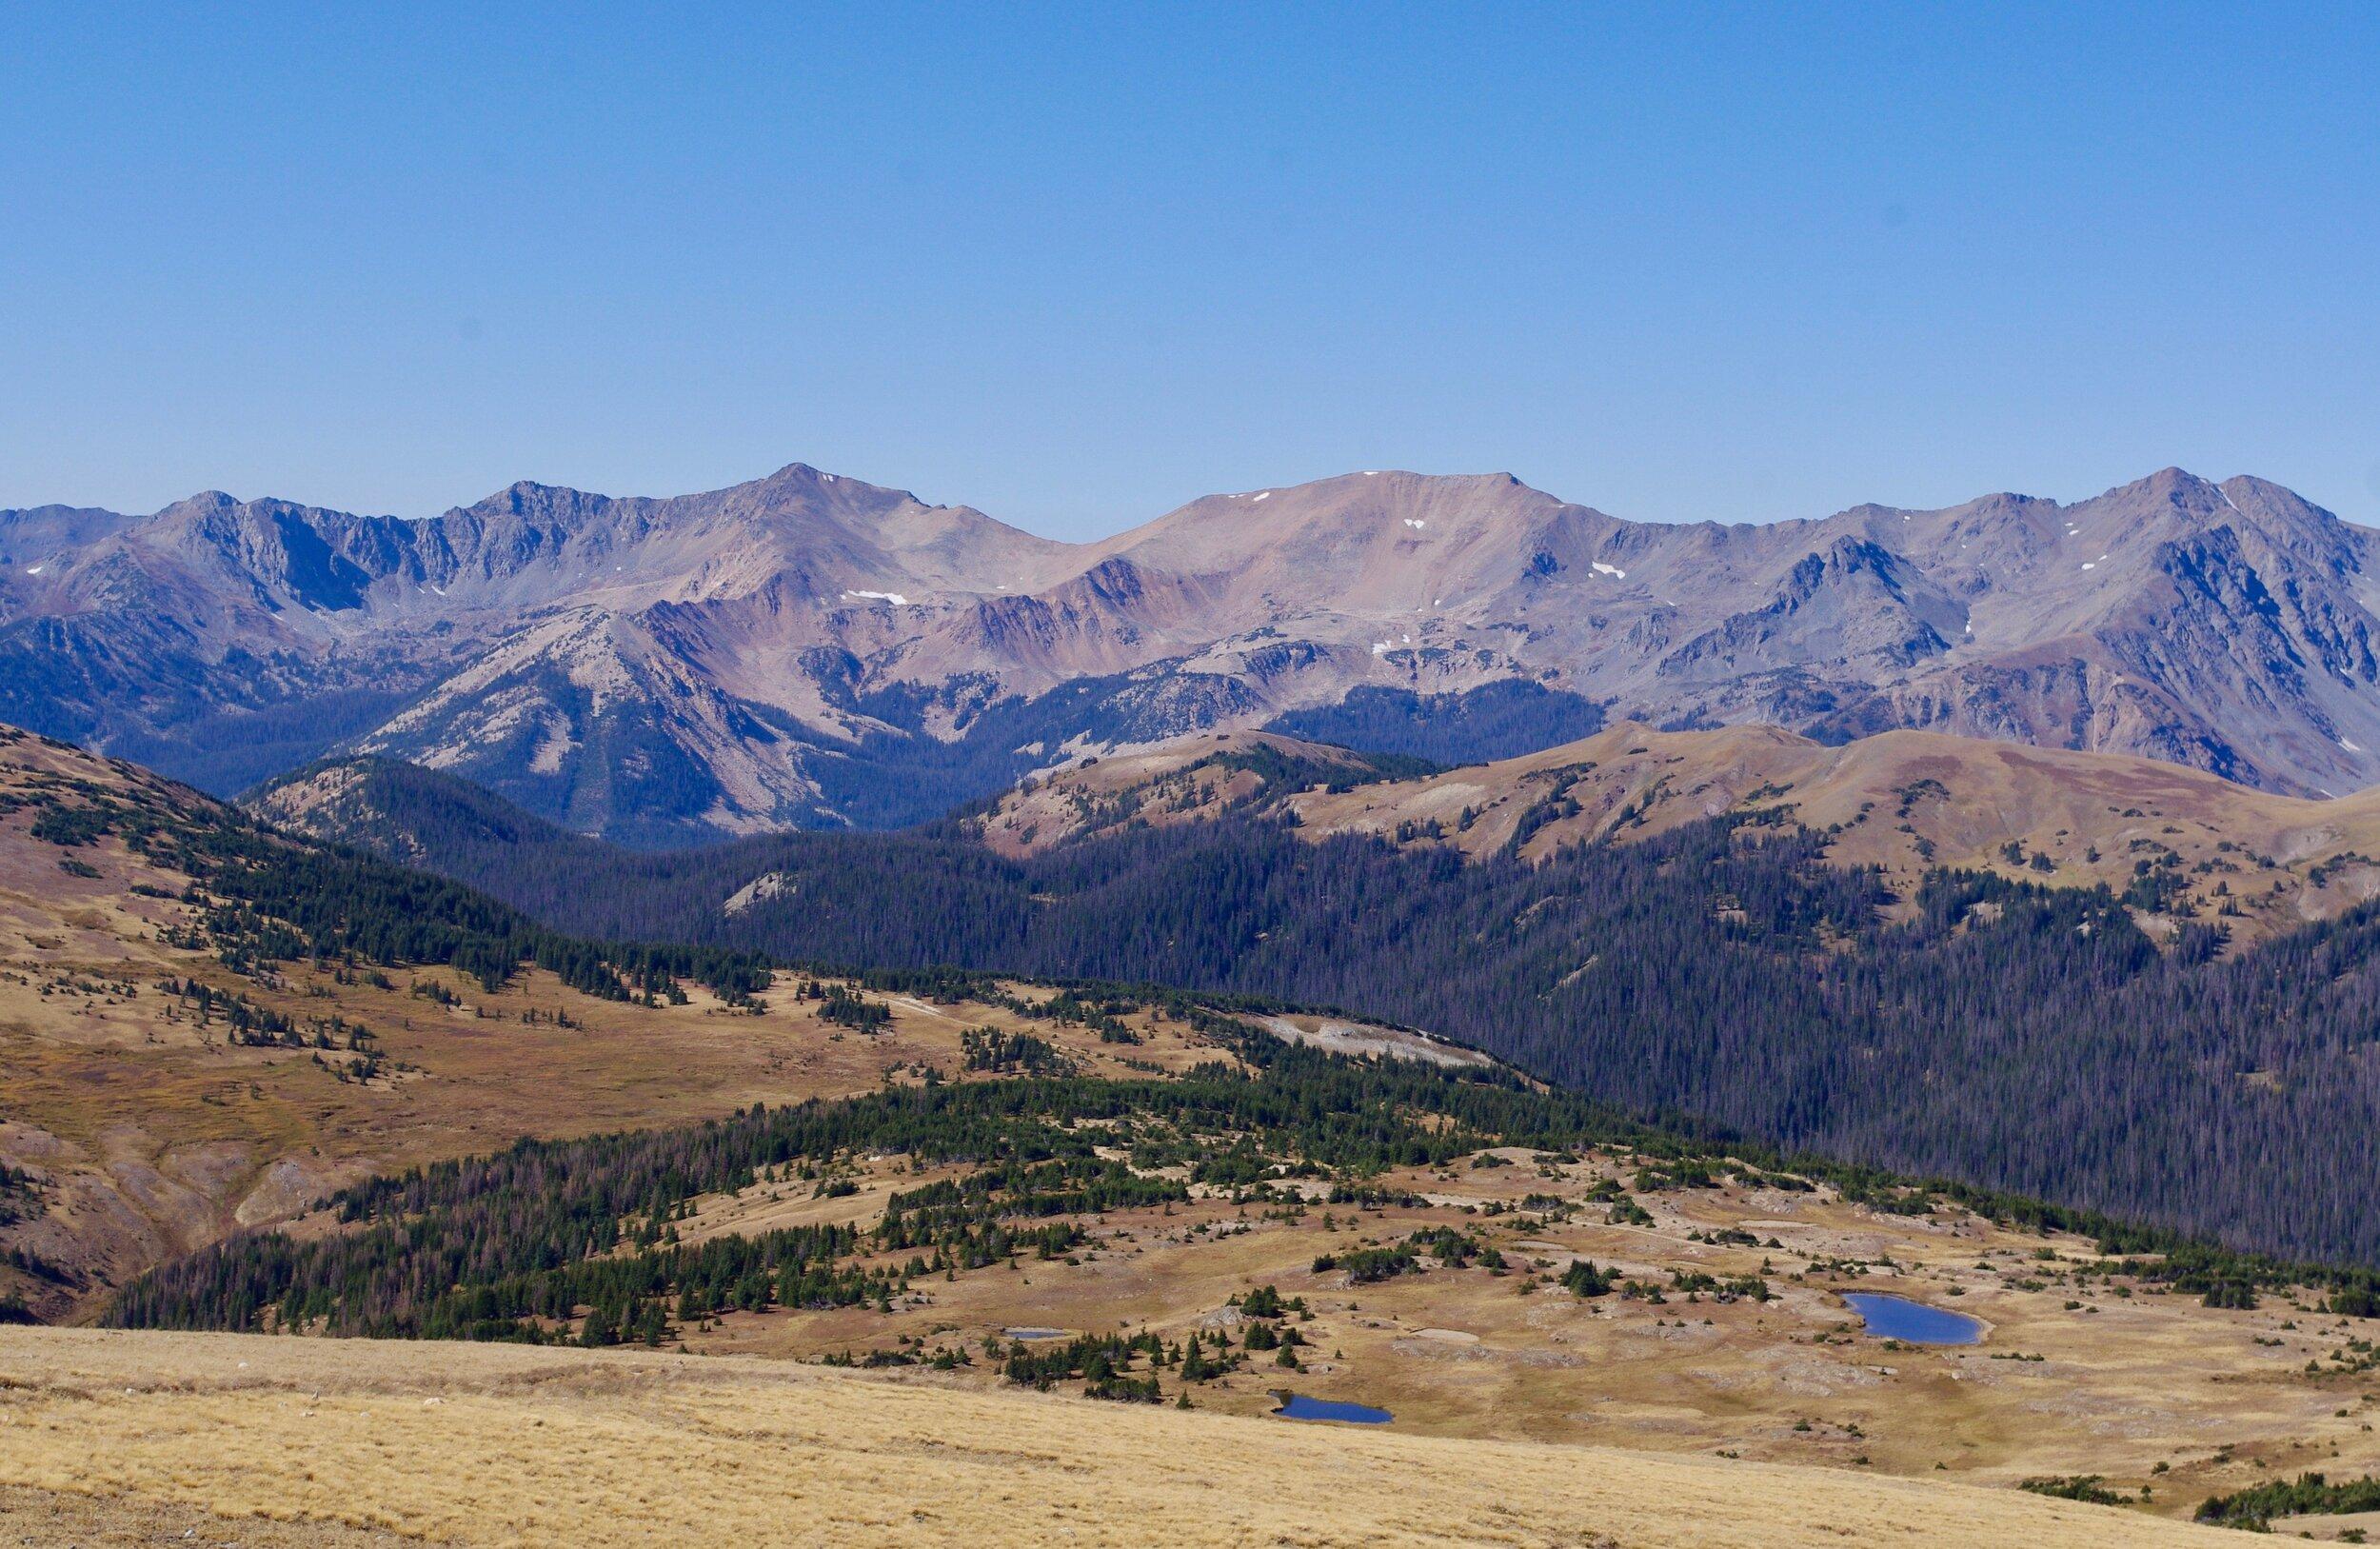 View across the tundra near 12K feet